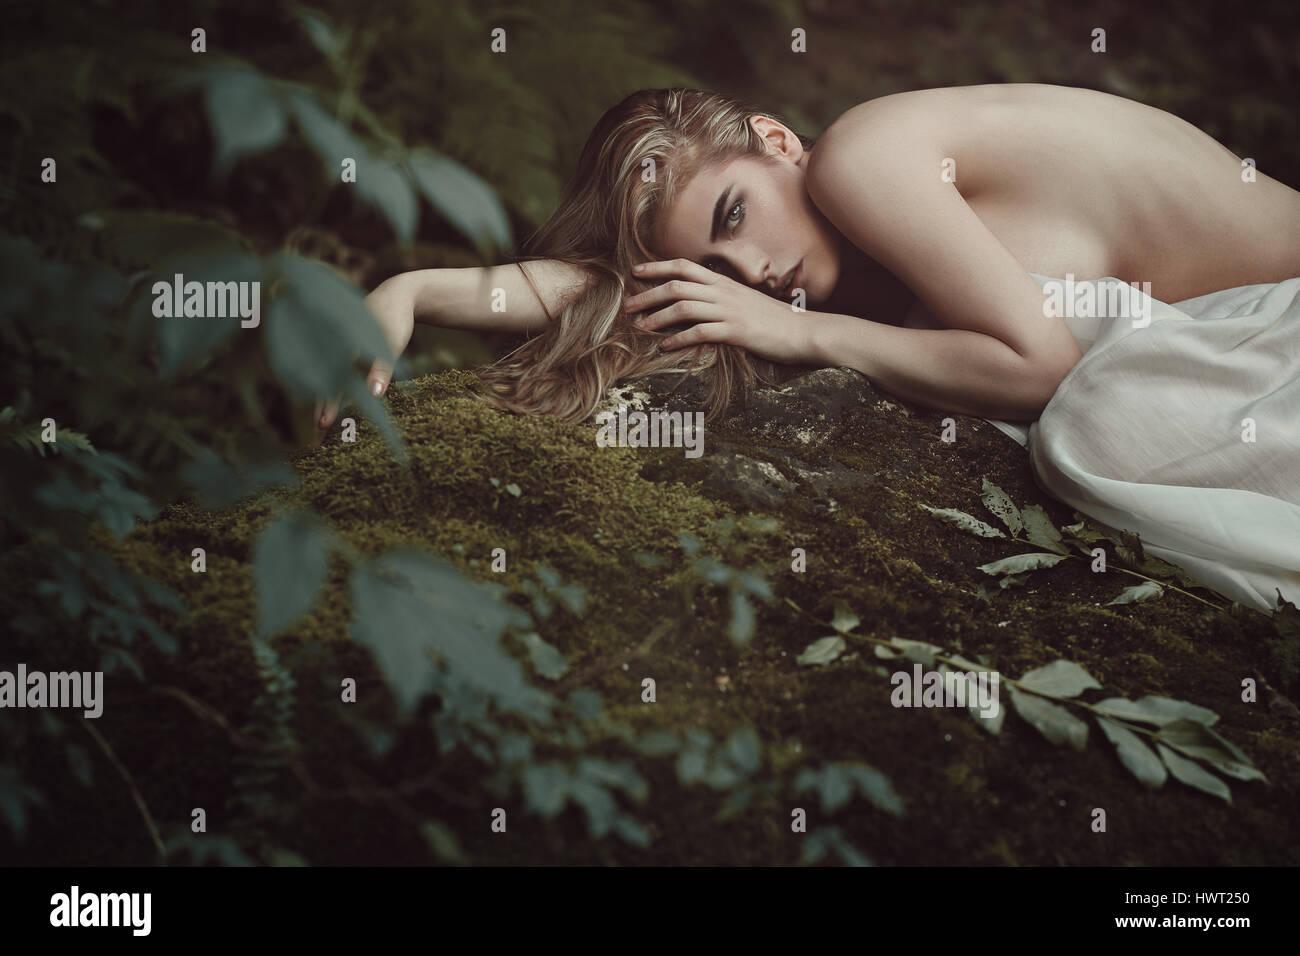 Bella foresta maiden nella madre natura pace. Fantasia e onirica Immagini Stock